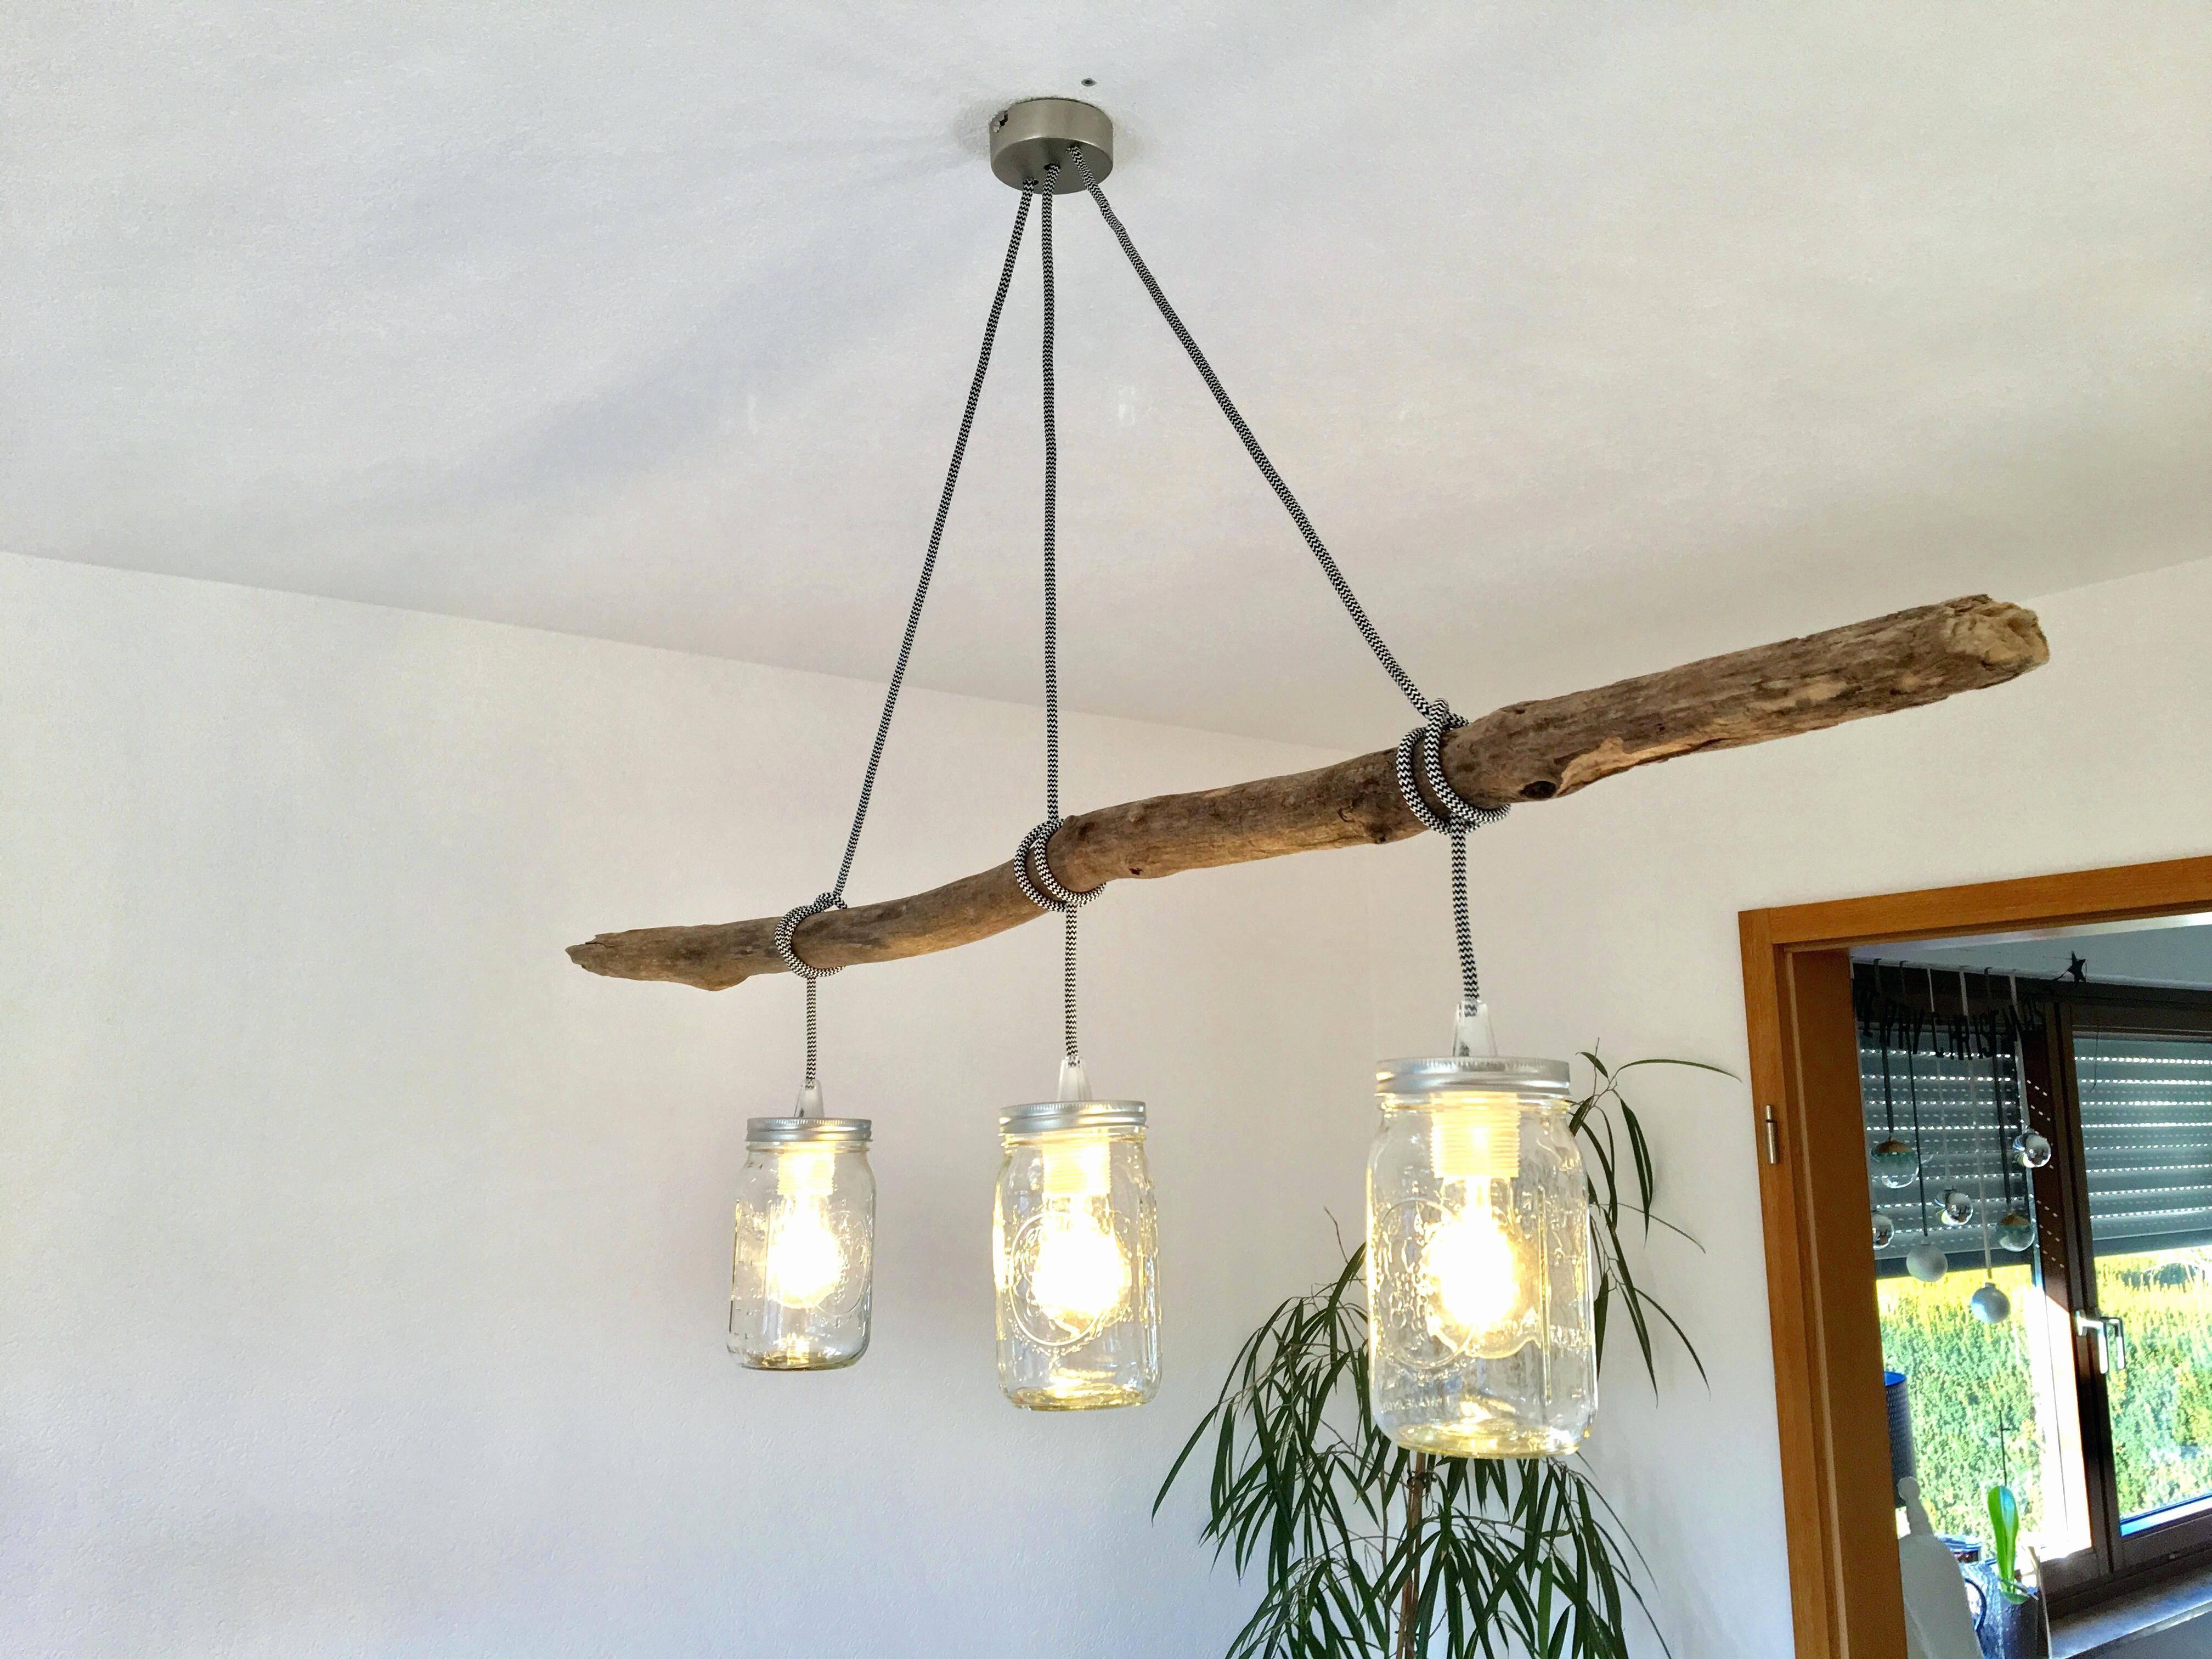 Wohnzimmer Lampe Wohnzimmerlampe Rund Wohnzimmerlampe Rund Die Kunftige Beleuchtung Der Fussgangerzone Wird In Kassel Sei Esstischlampe Lampe Lampe Holz Ast